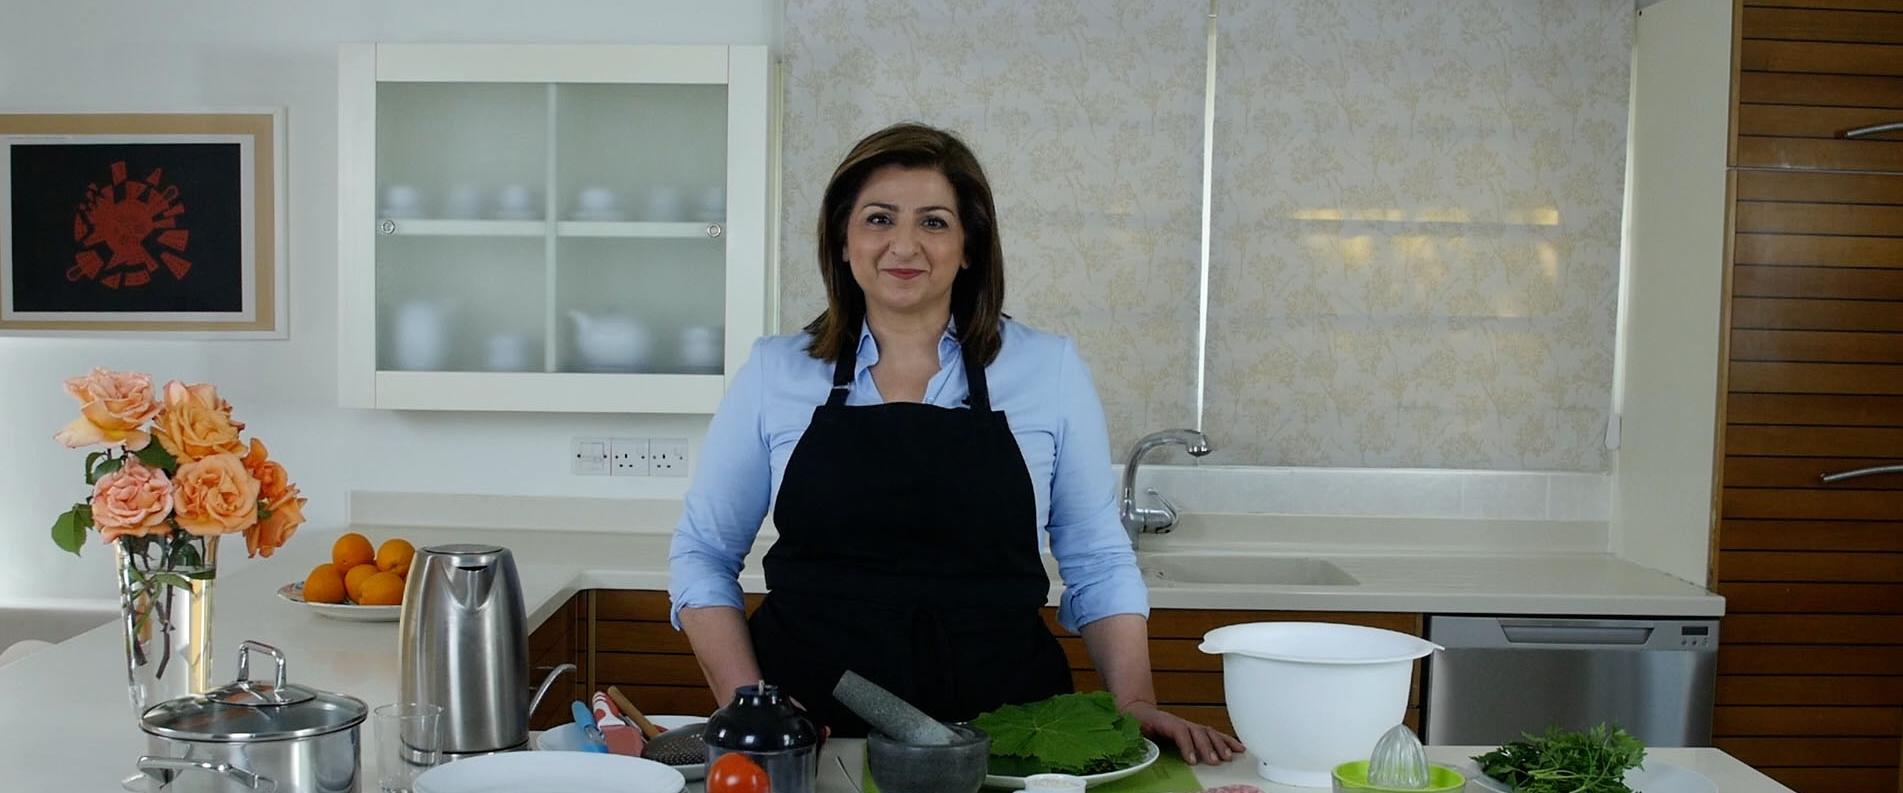 Кипрская кухня с Мариленой: купепья